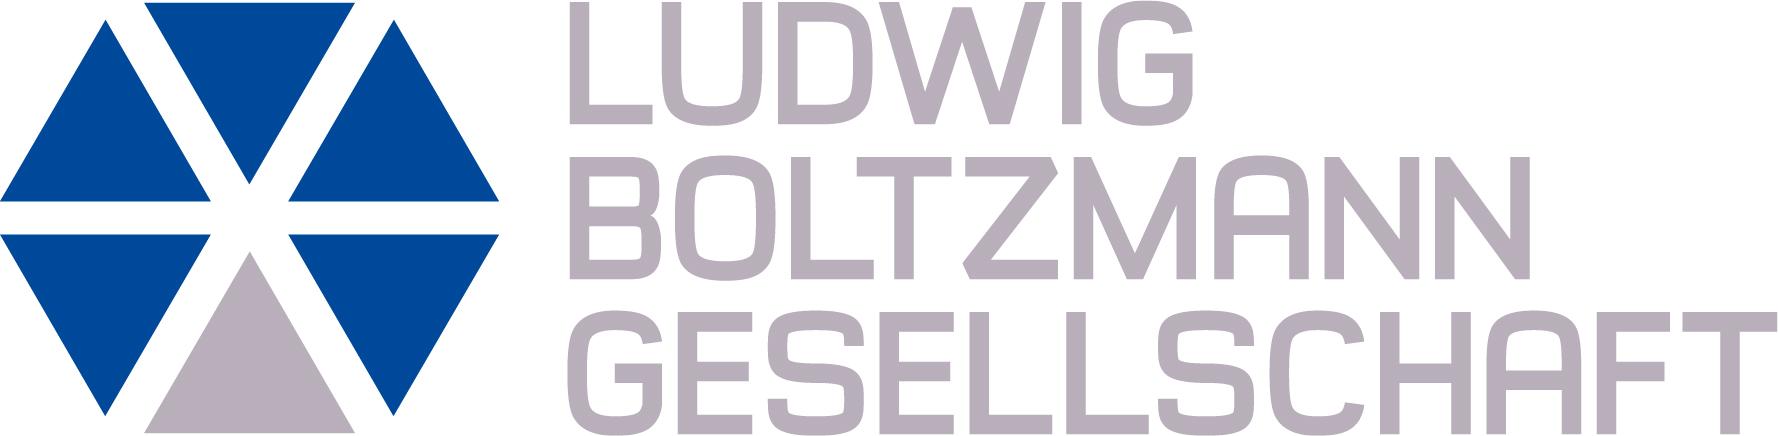 Ludwig Boltzmann Gesellschaft GmbH